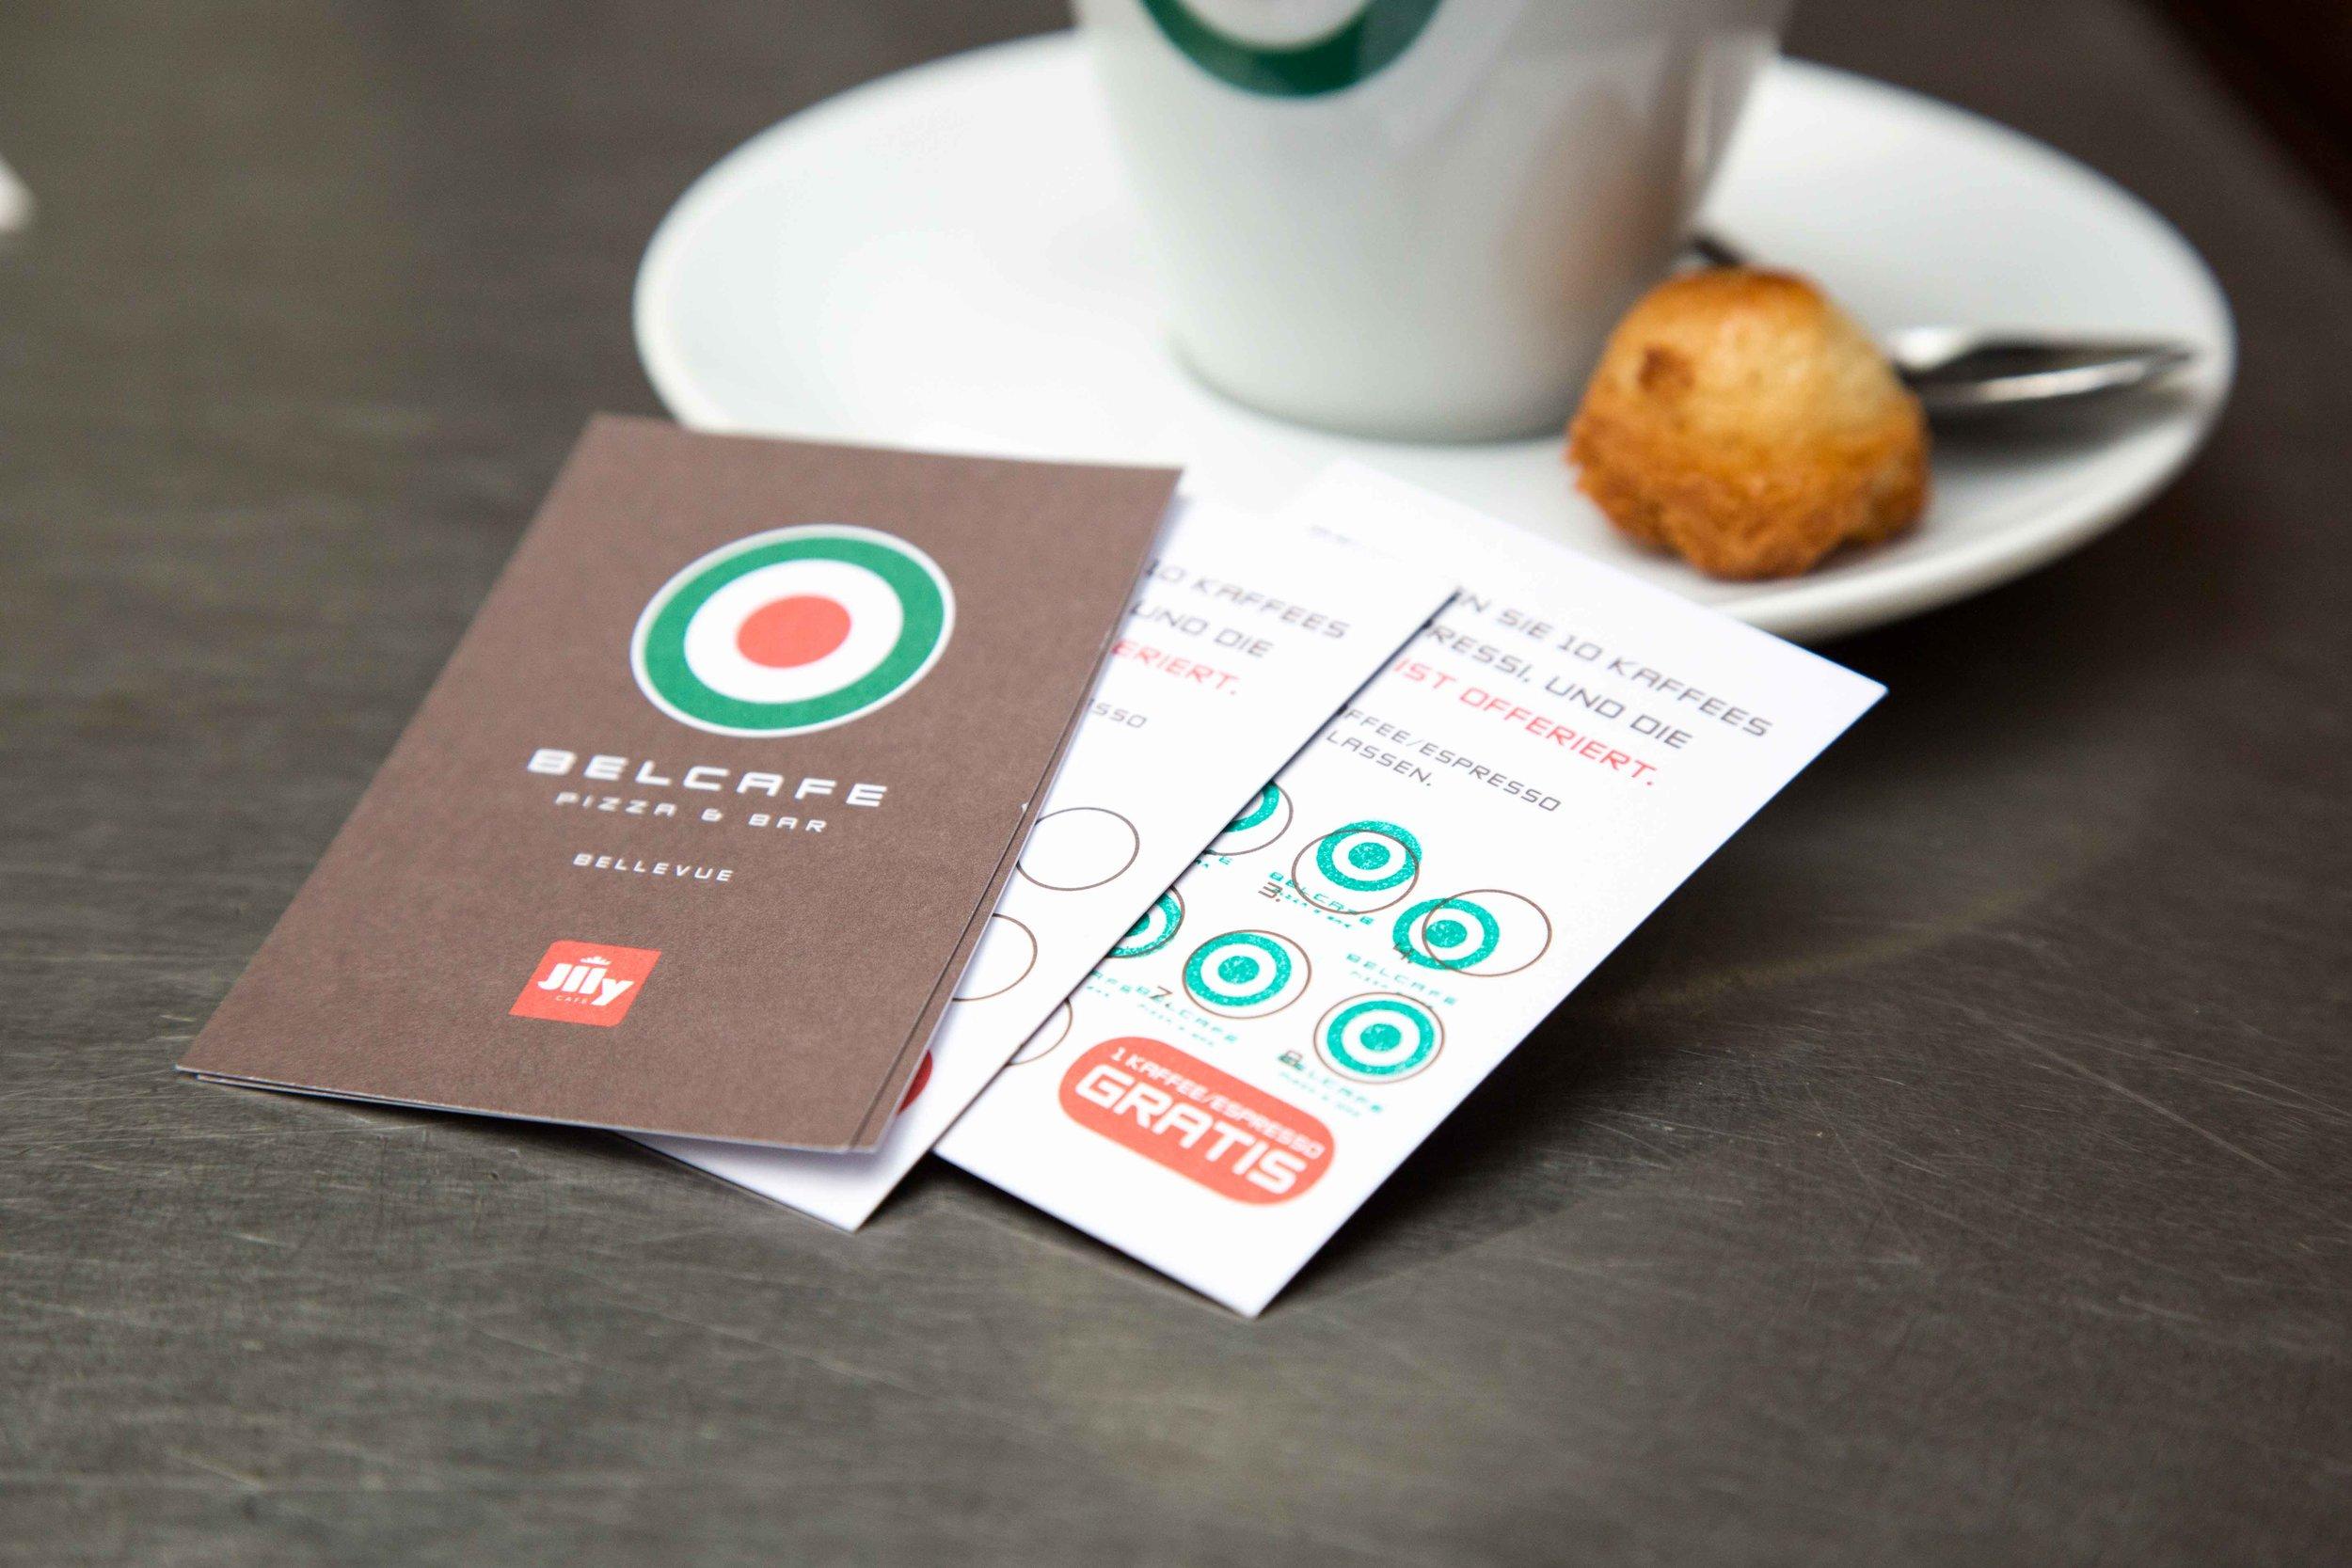 belcafe-zuerich-pizza-bar-gutscheine